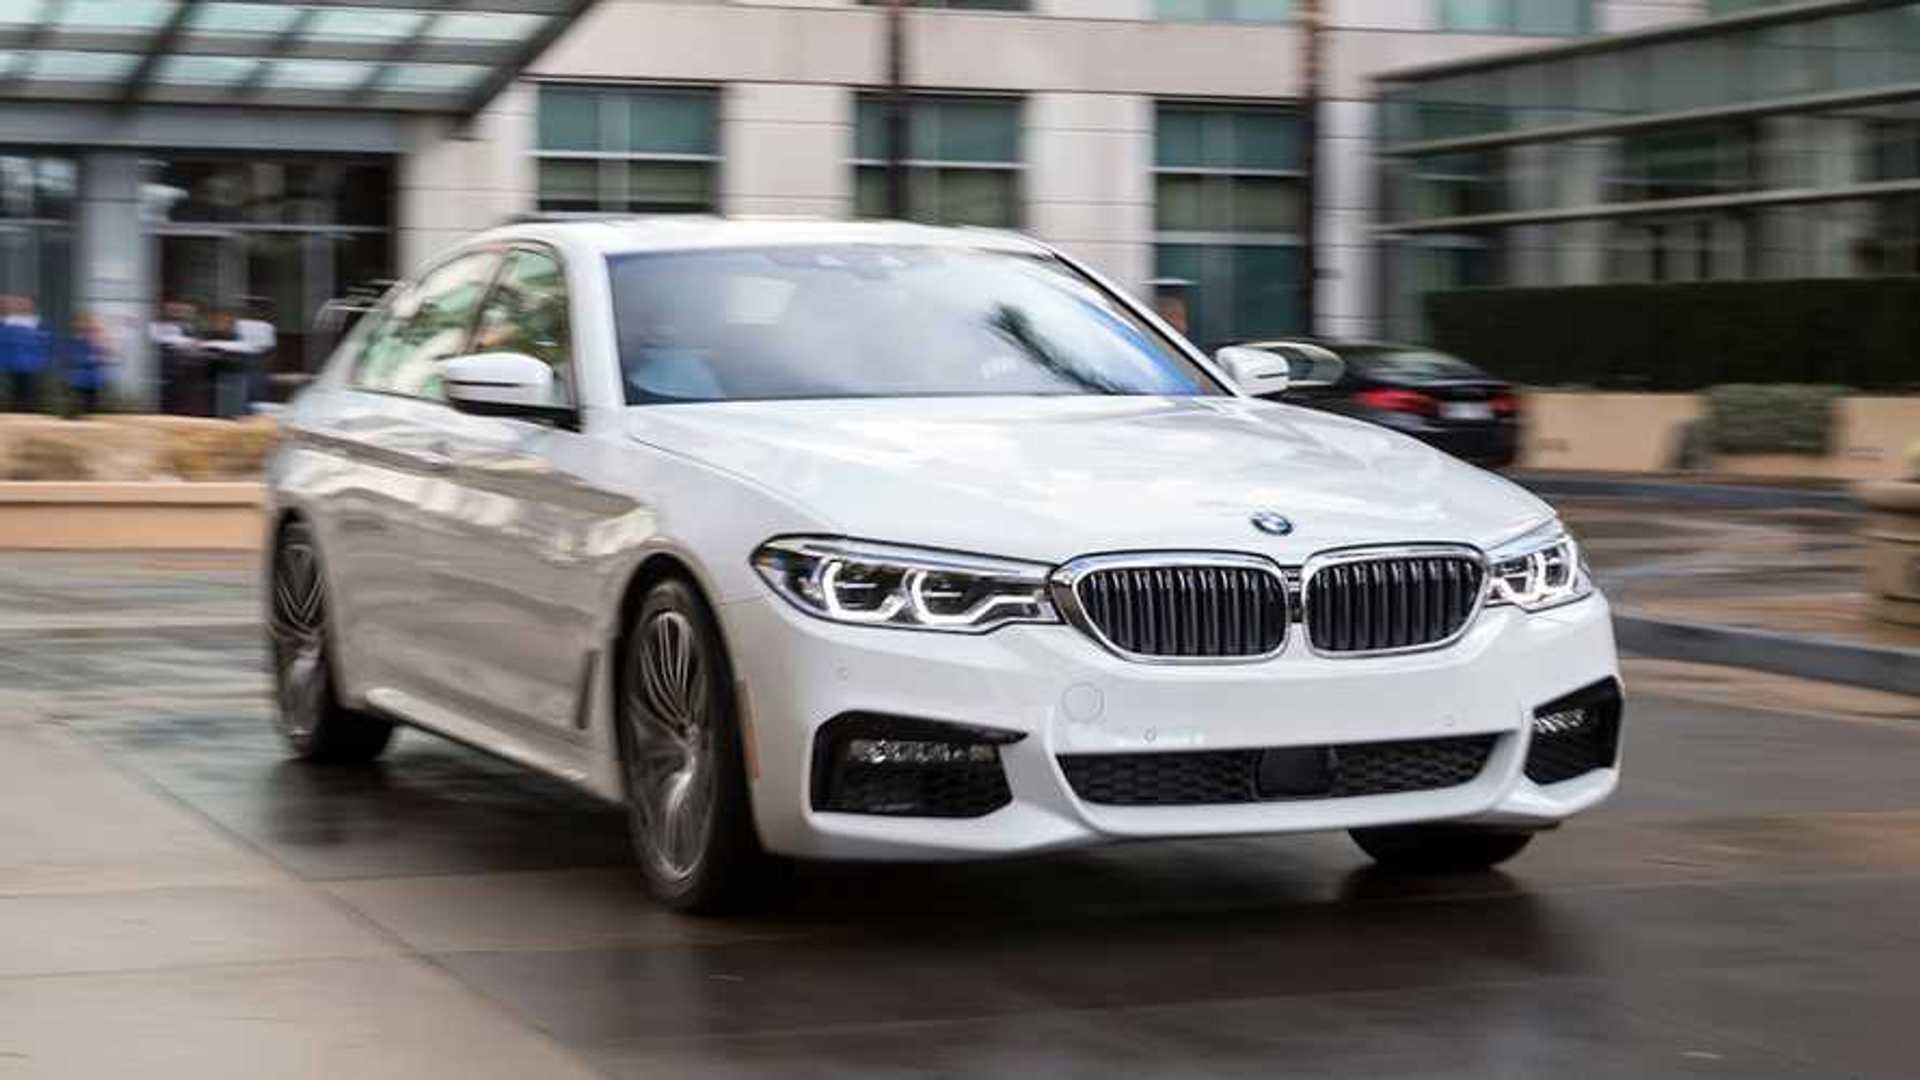 BMW 5 Series Gets Mild Hybrid Powertrain In Europe